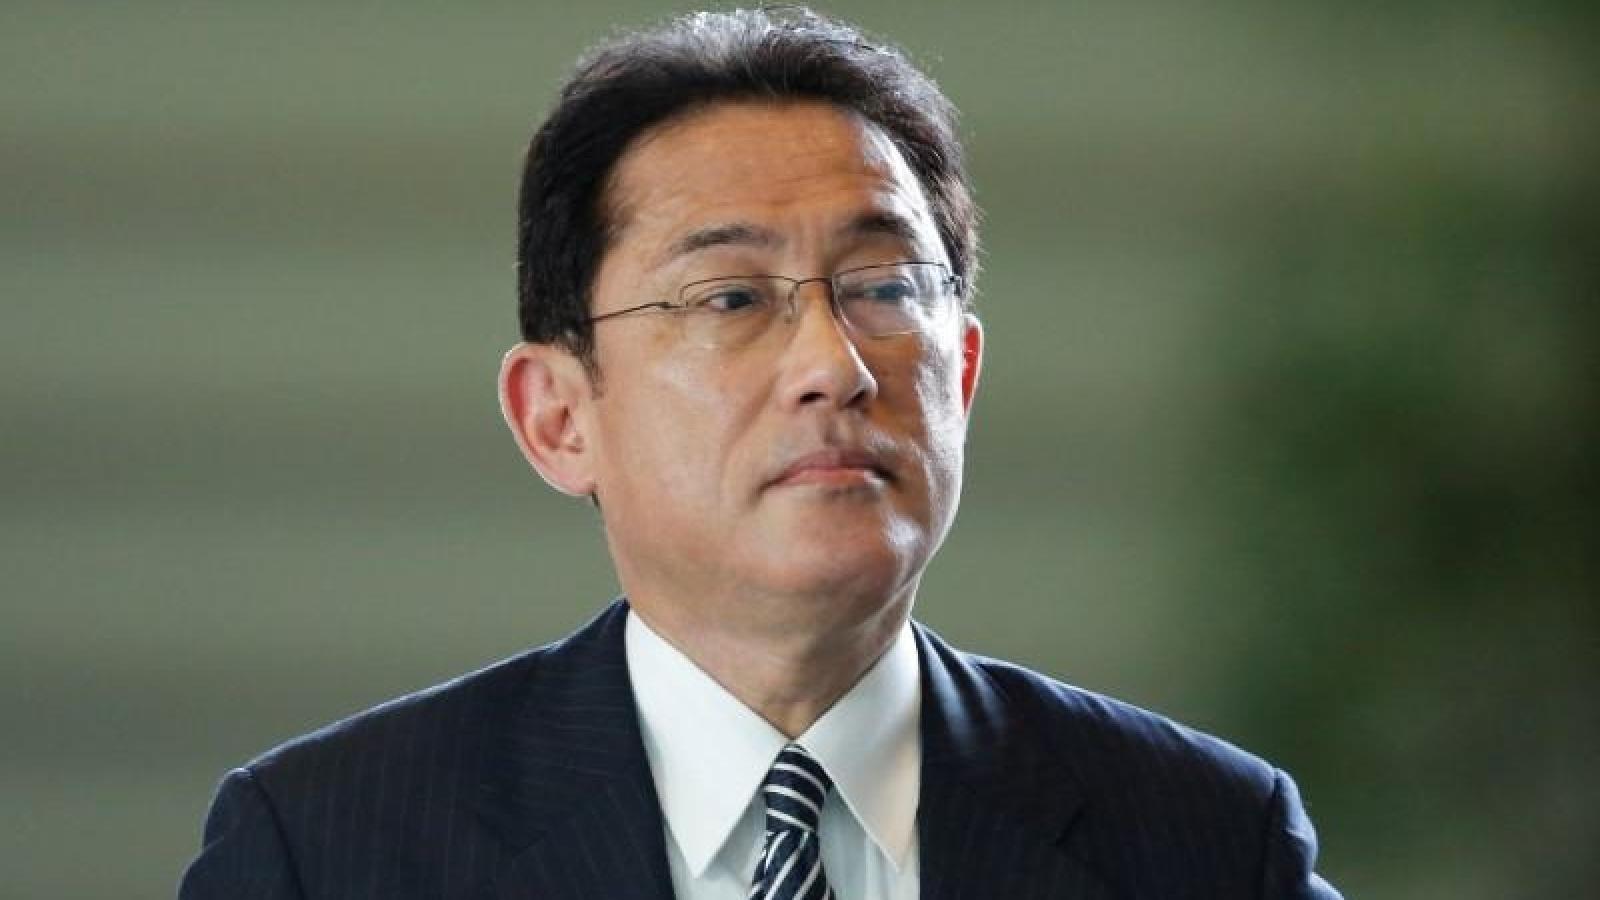 Bài toán đối nội và đối ngoại hóc búa dành cho tân Thủ tướng Nhật Bản